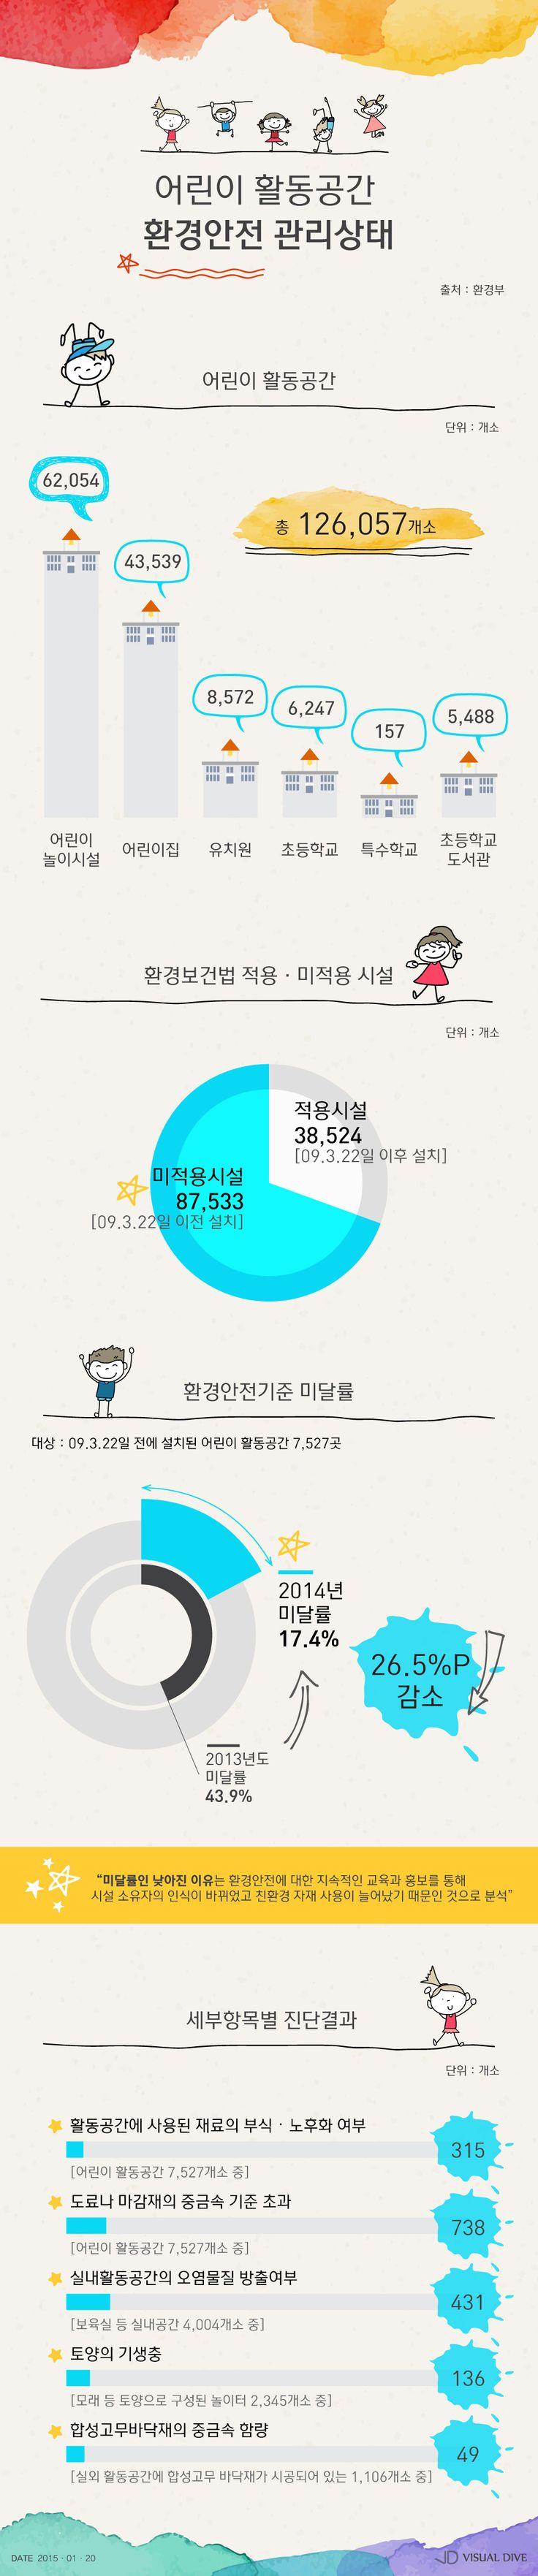 1천300여 개 어린이 활동공간, 환경안전 기준 '미달' [인포그래픽] #child / #Infographic ⓒ 비주얼다이브 무단 복사·전재·재배포 금지